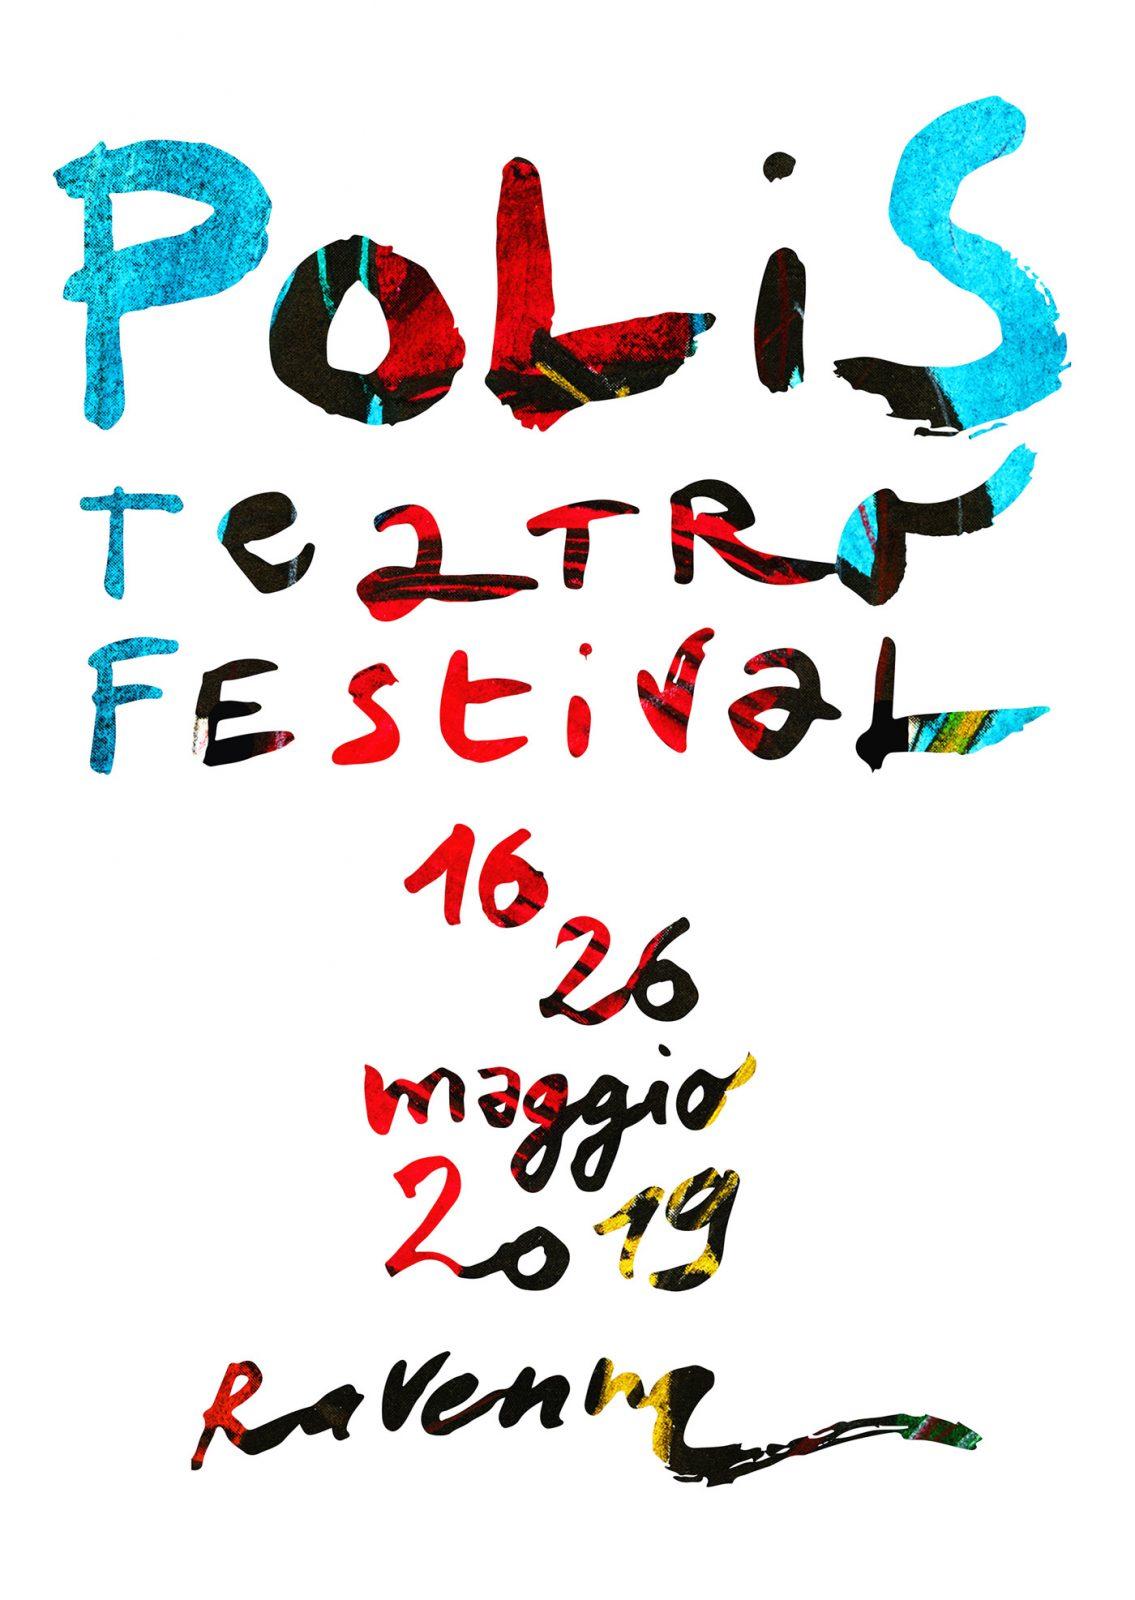 POLIS Teatro Festival . 16 - 26 maggio 2019 . Teatro Alighieri . Teatro Rasi . Biblioteca Classense . RAVENNA